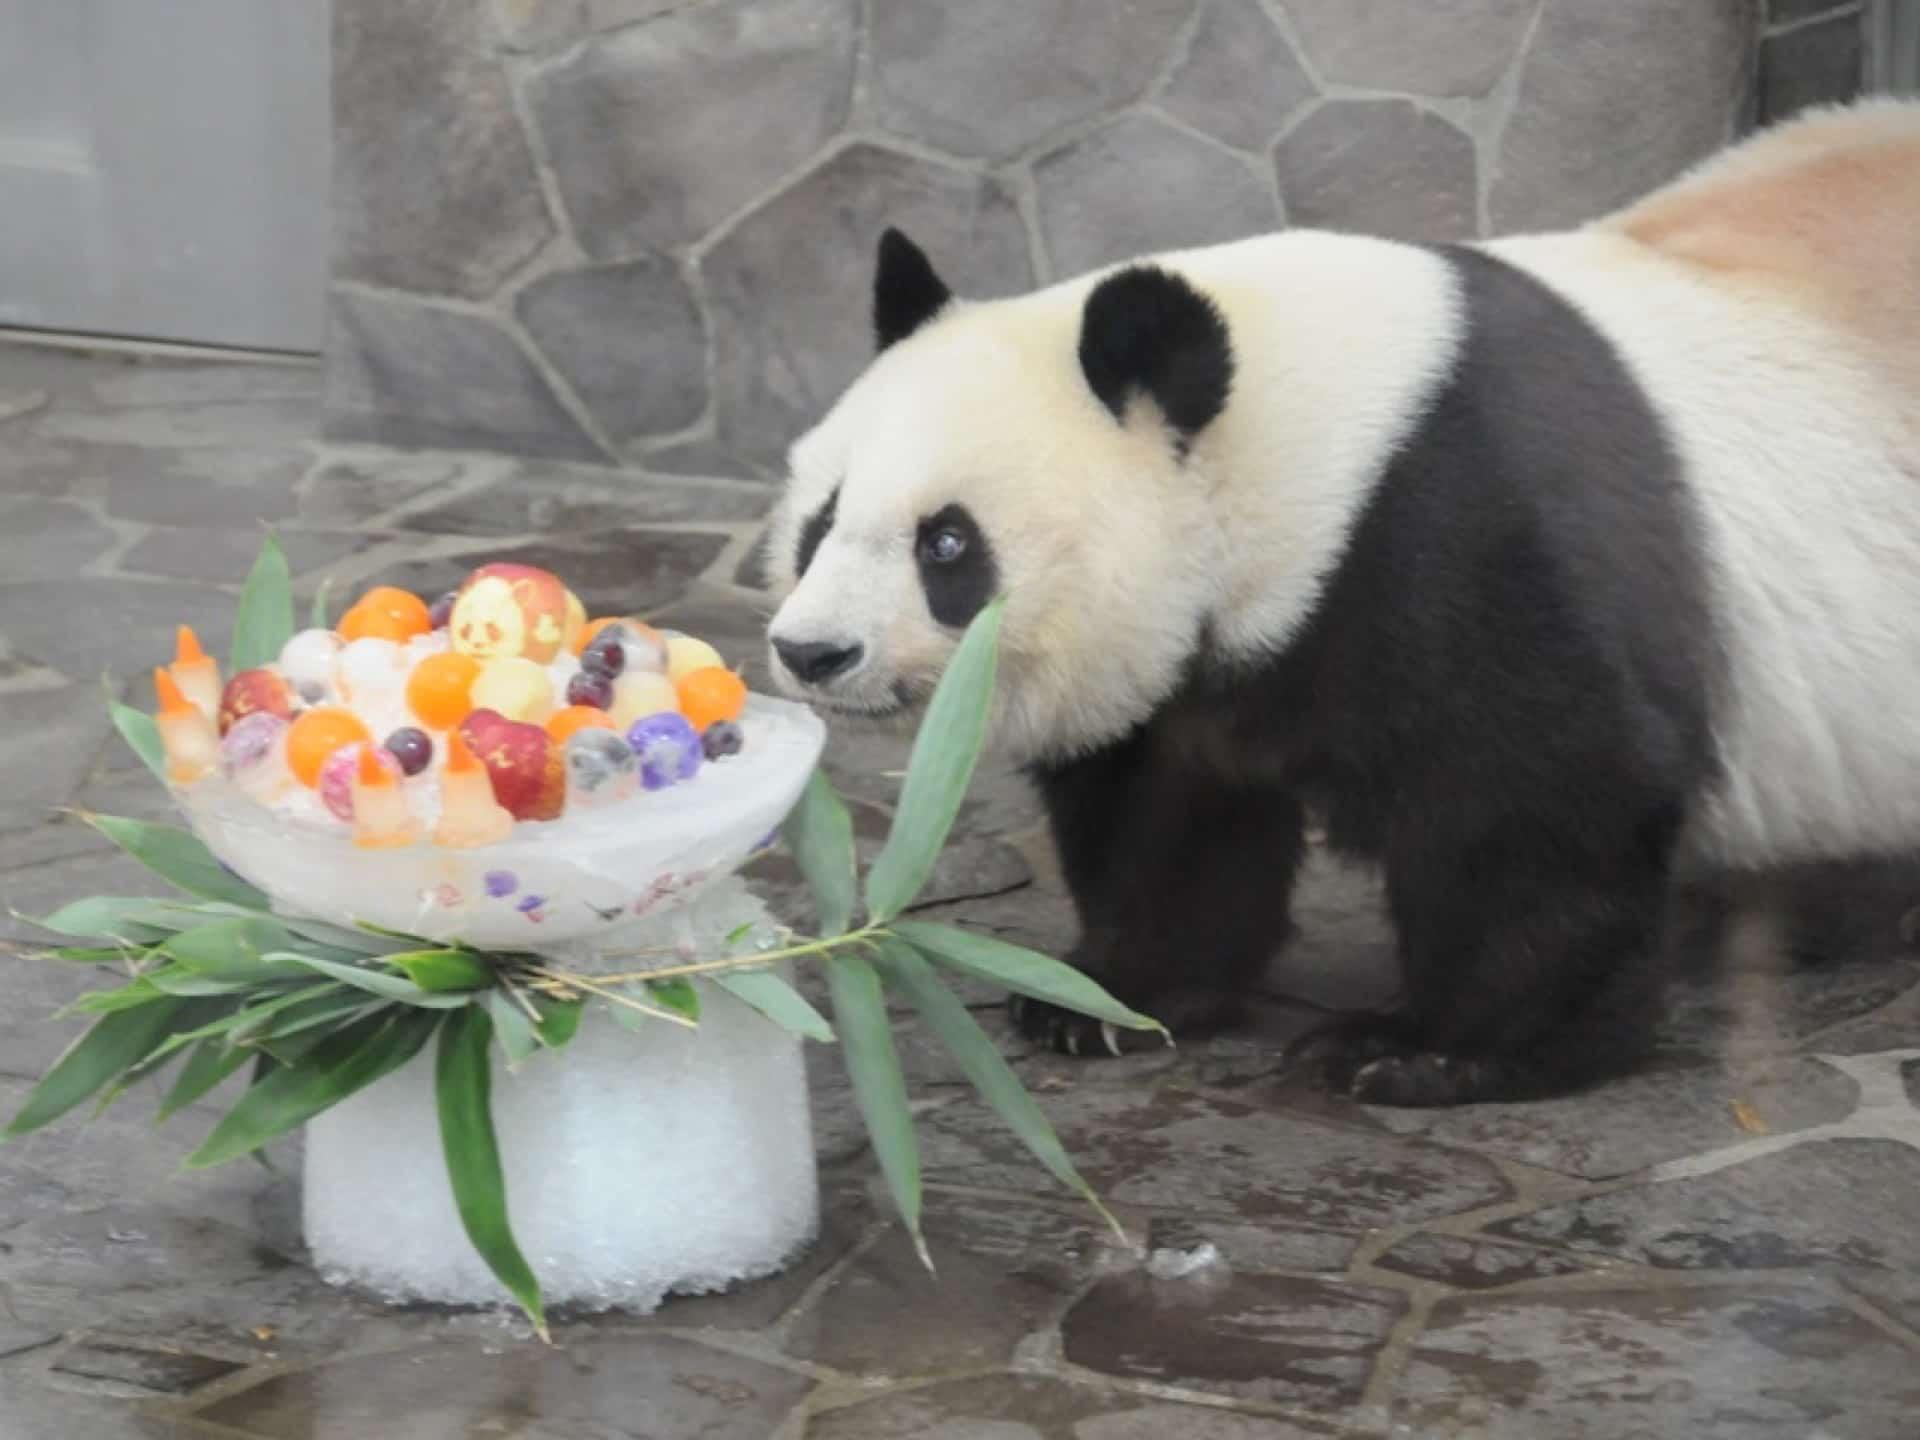 9月16日は王子動物園のパンダ「タンタン」23歳のバースデー!お誕生日会でお祝いしよう